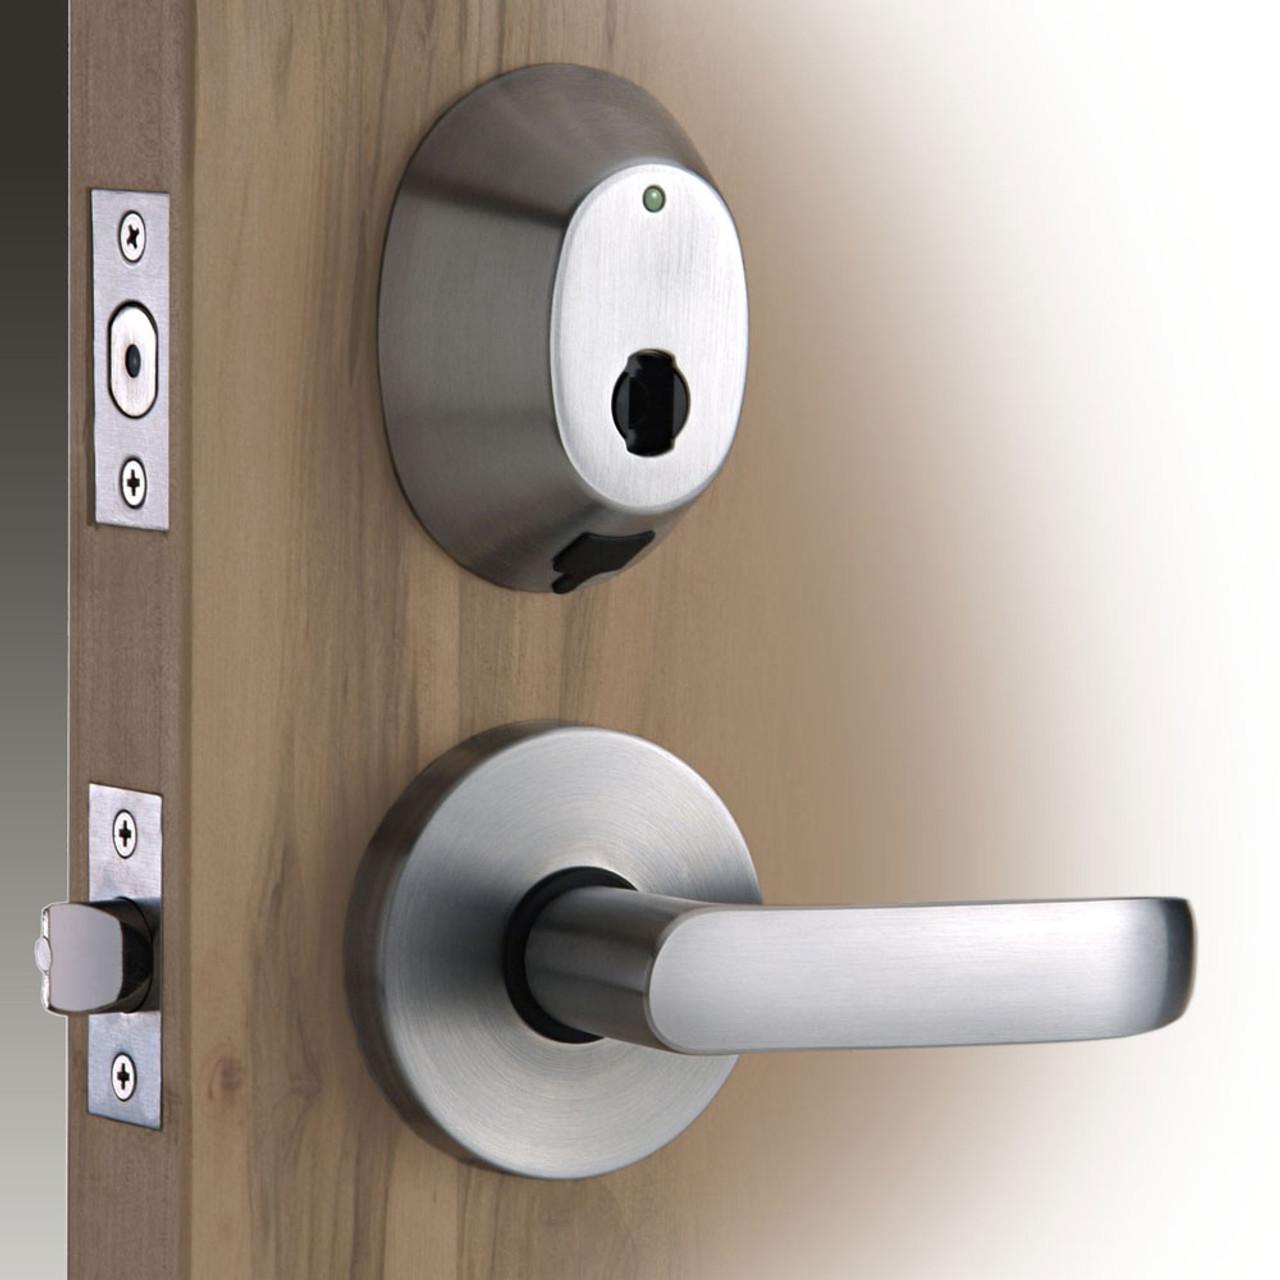 INSYNC RI - INTERCONNECT RFID DEADBOLT DOOR LOCK HANDLESET